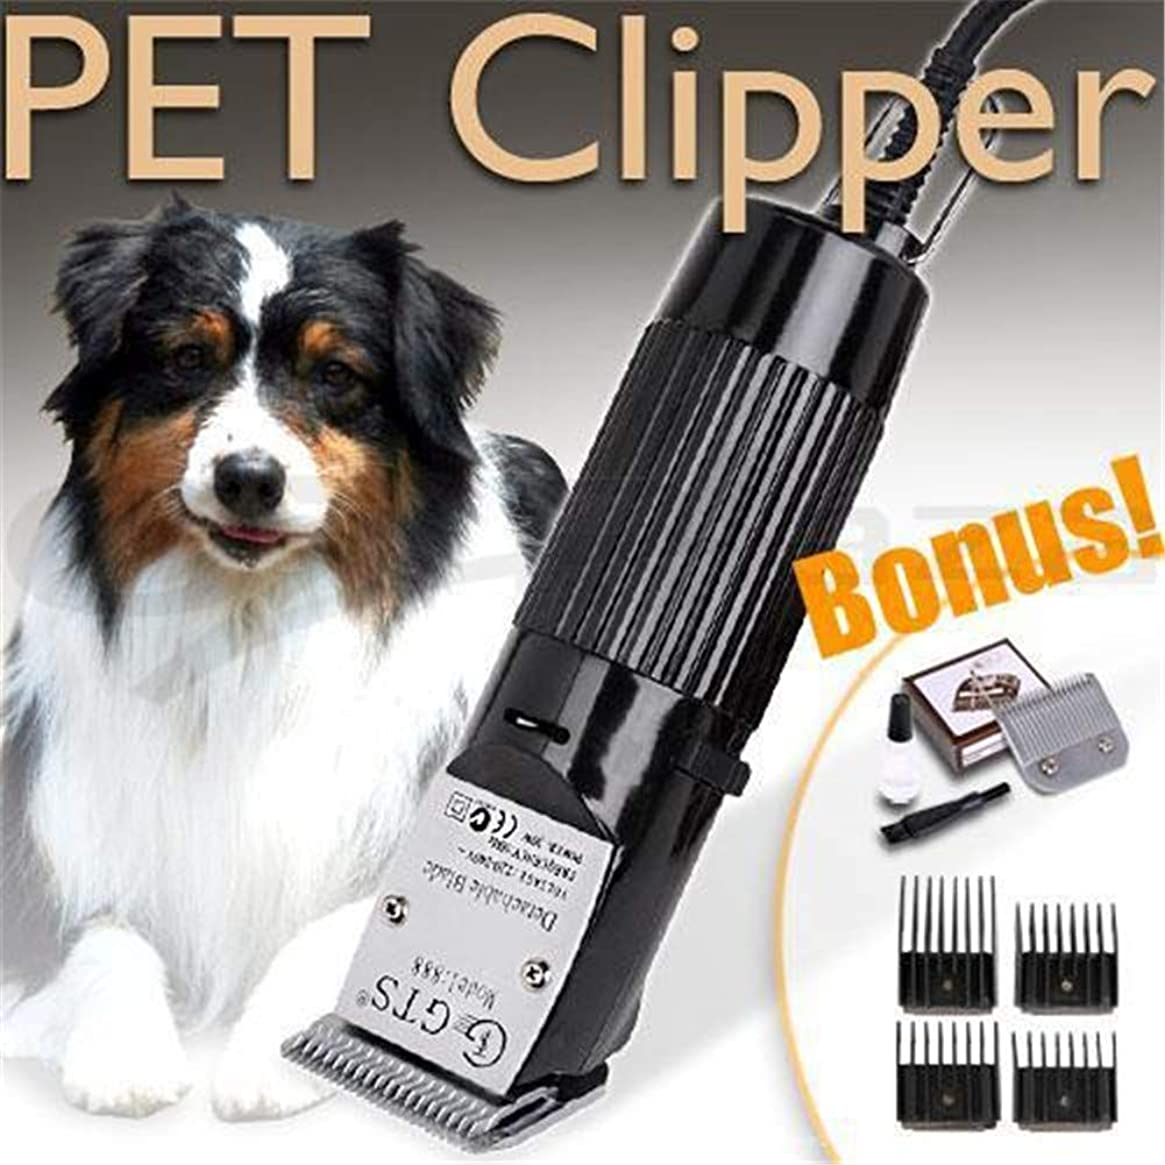 修羅場ふくろう土砂降りバリカン、ペットの毛のトリマーのための電気毛の打抜き機犬の電気動物の剃る機械のための専門の毛クリッパー